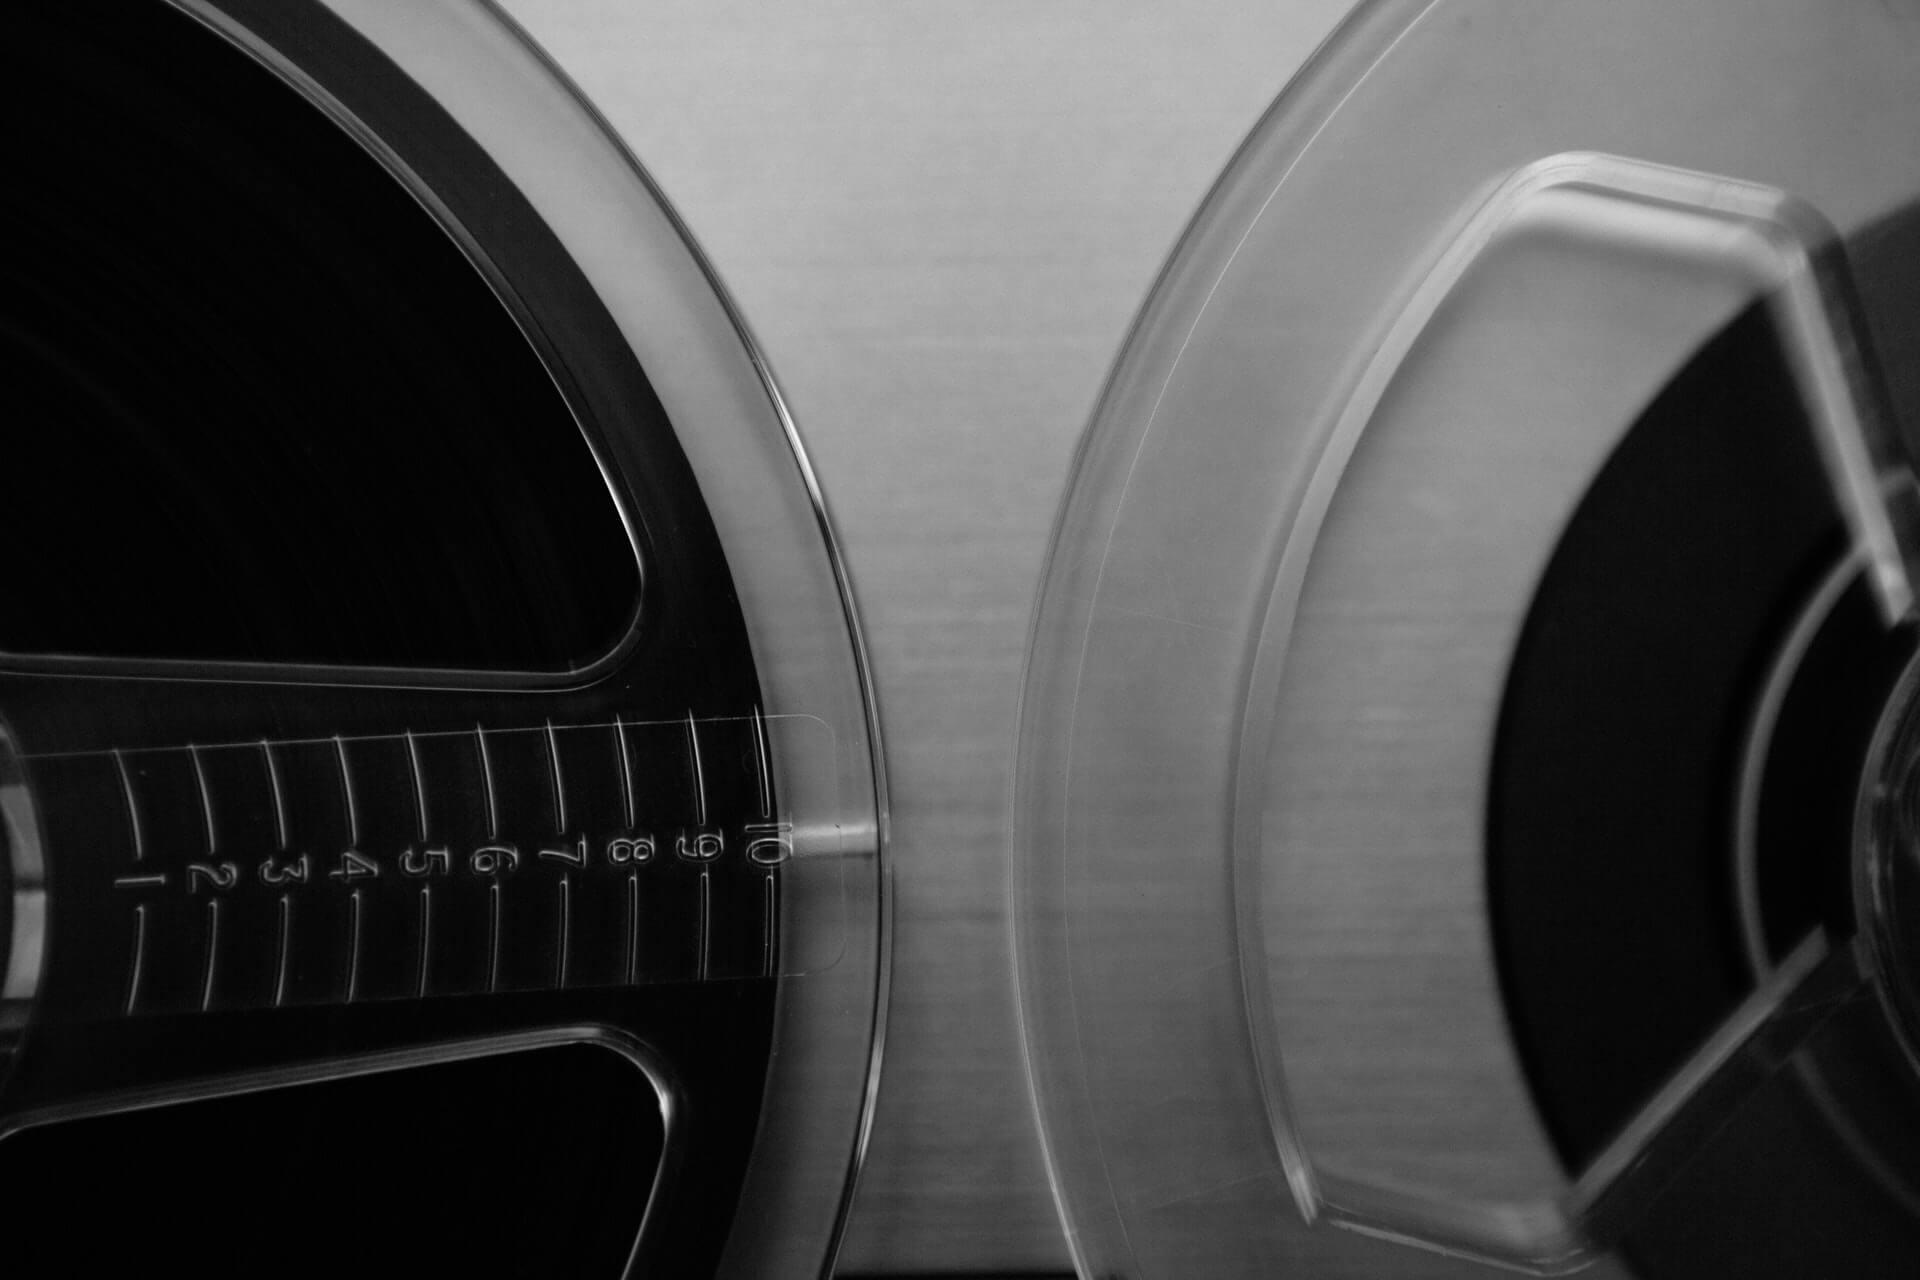 Herzog Audio - Agentur - Tontechnik - Sprecher - Postproduktion - Audio Branding